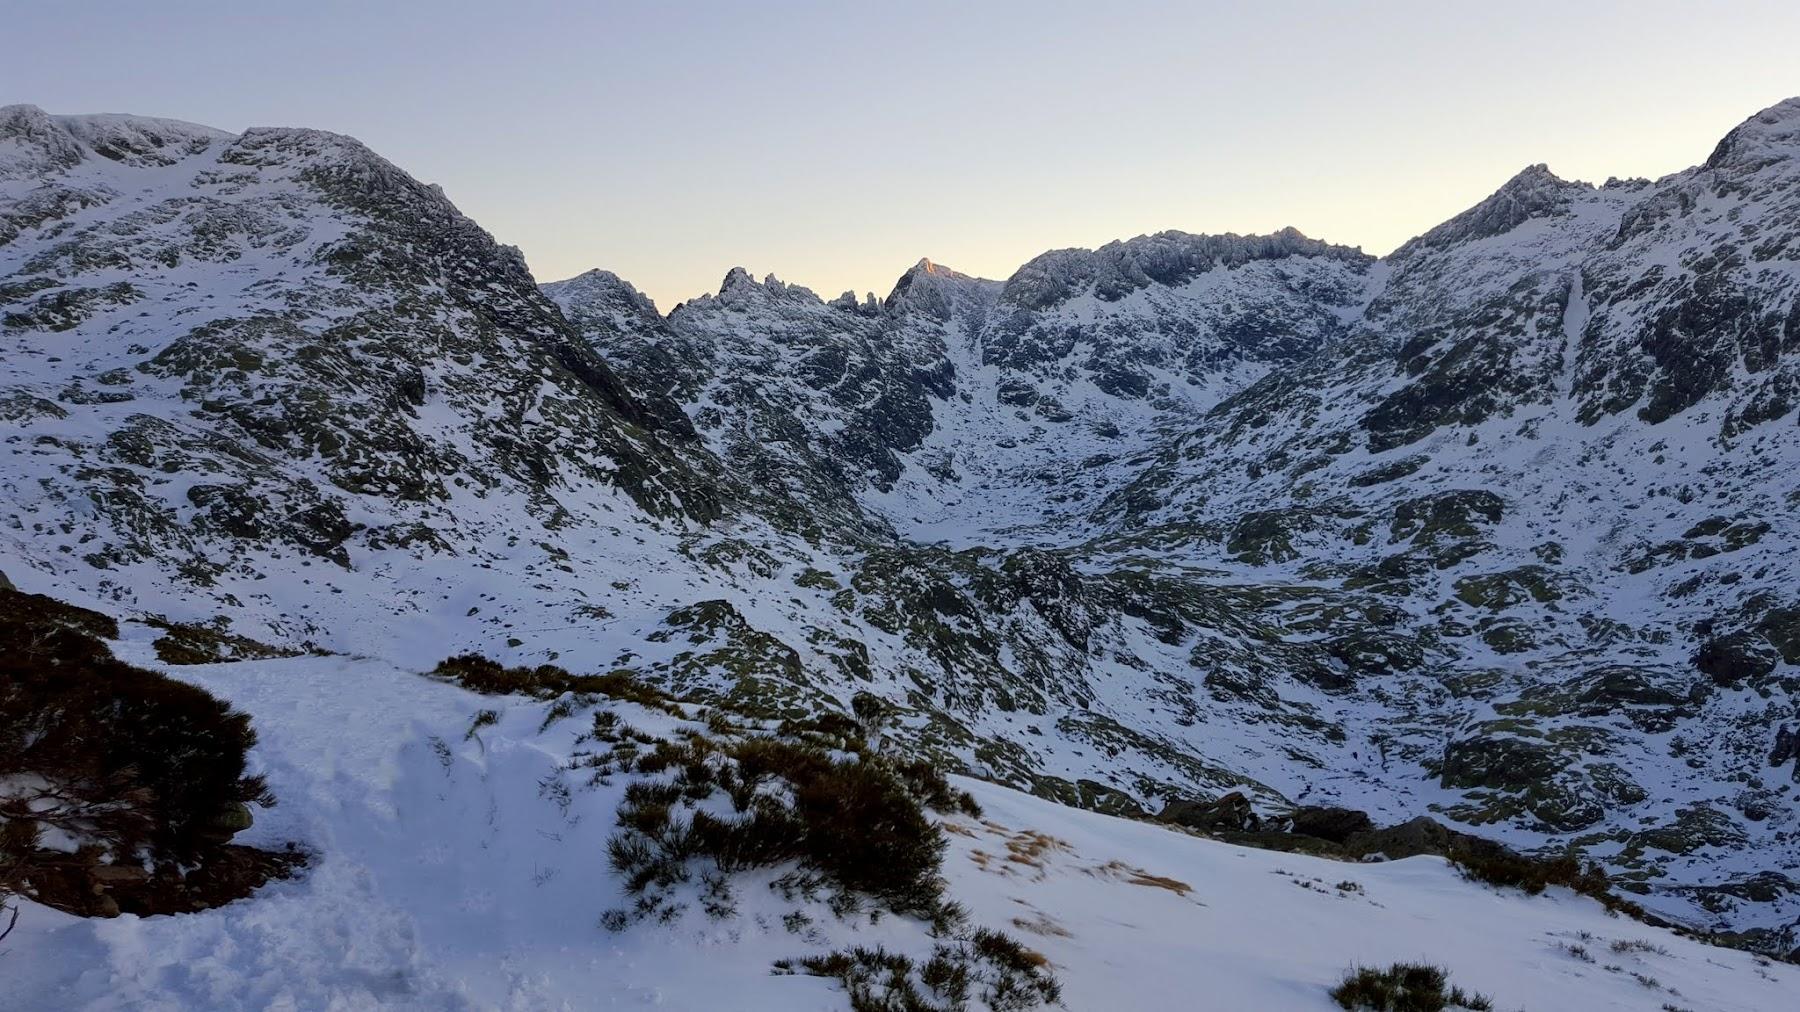 Circo de Gredos, montaña invernal